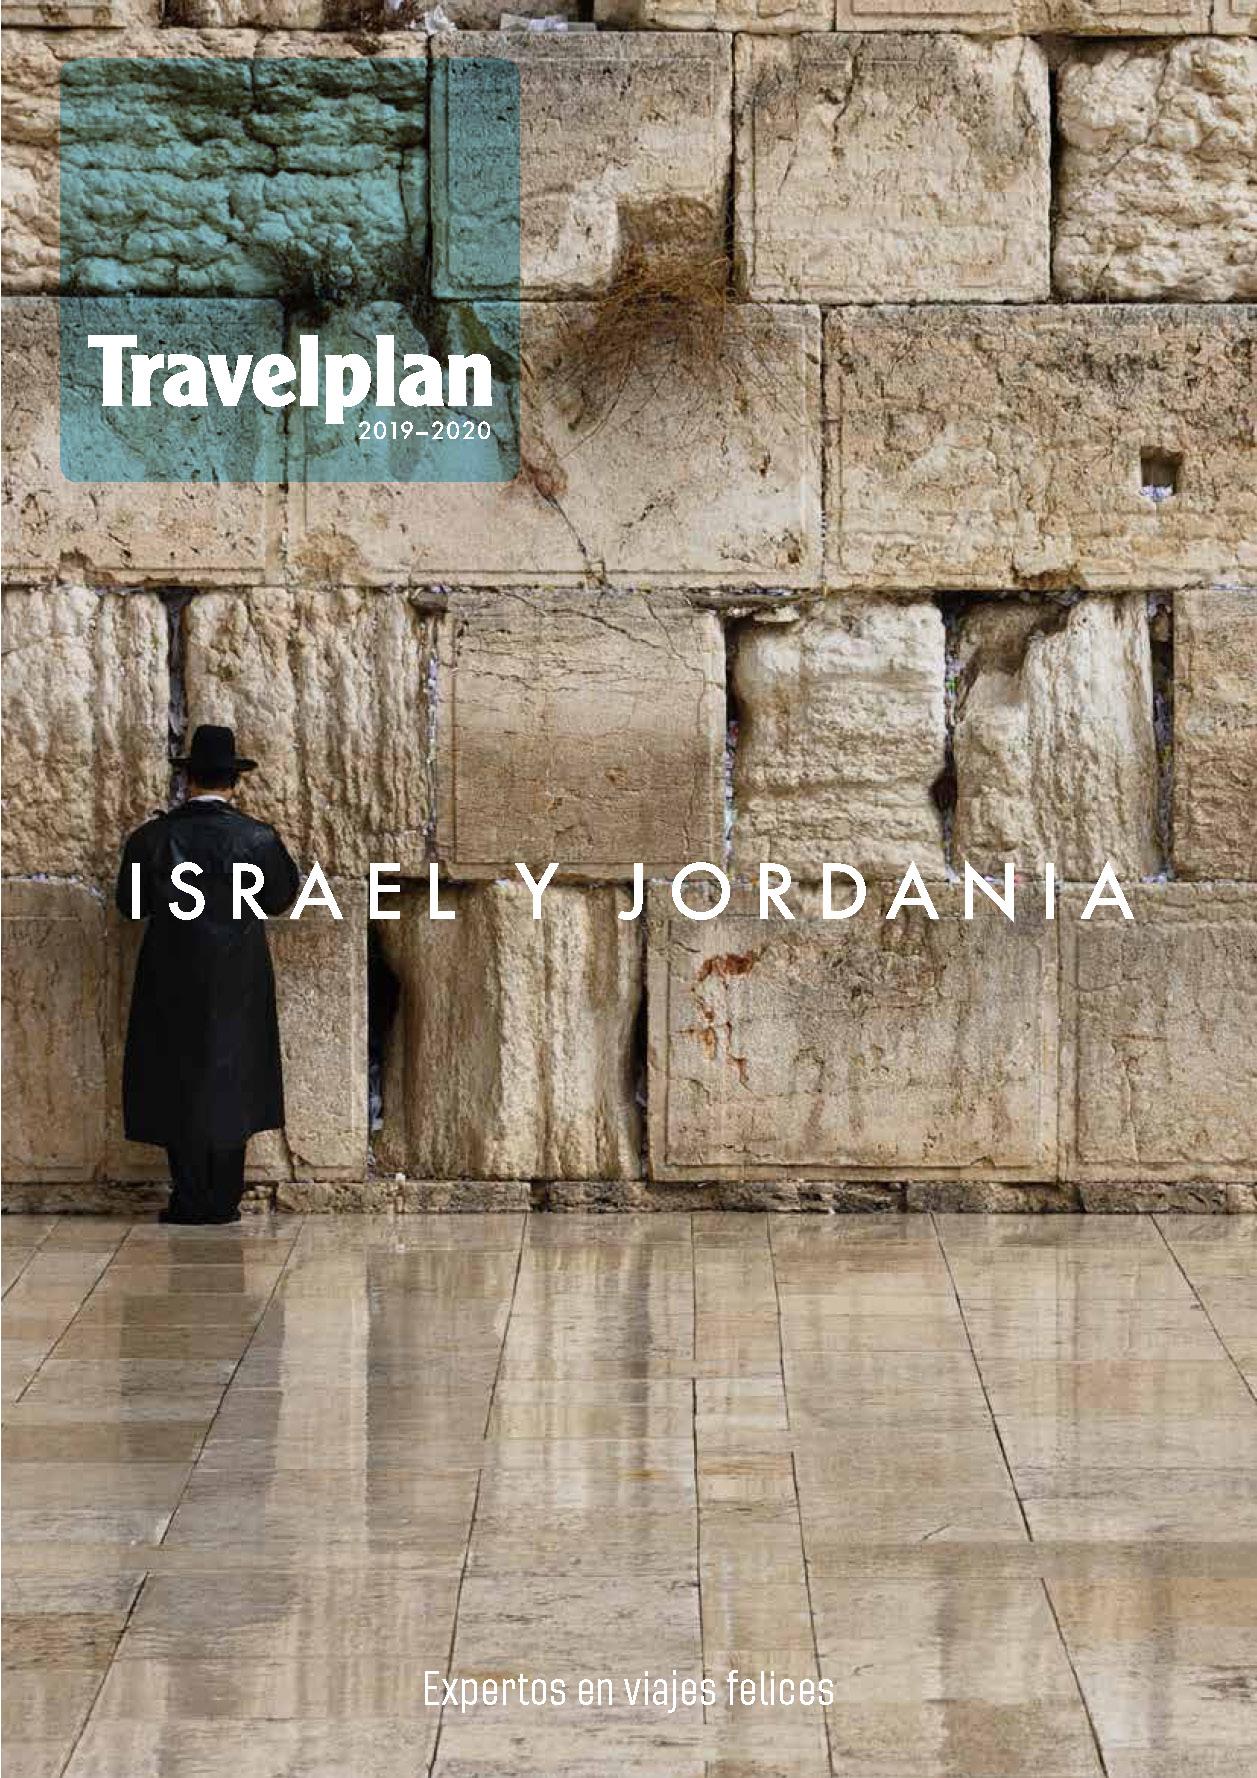 Catalogo Travelplan Israel y Jordania 2019-2020